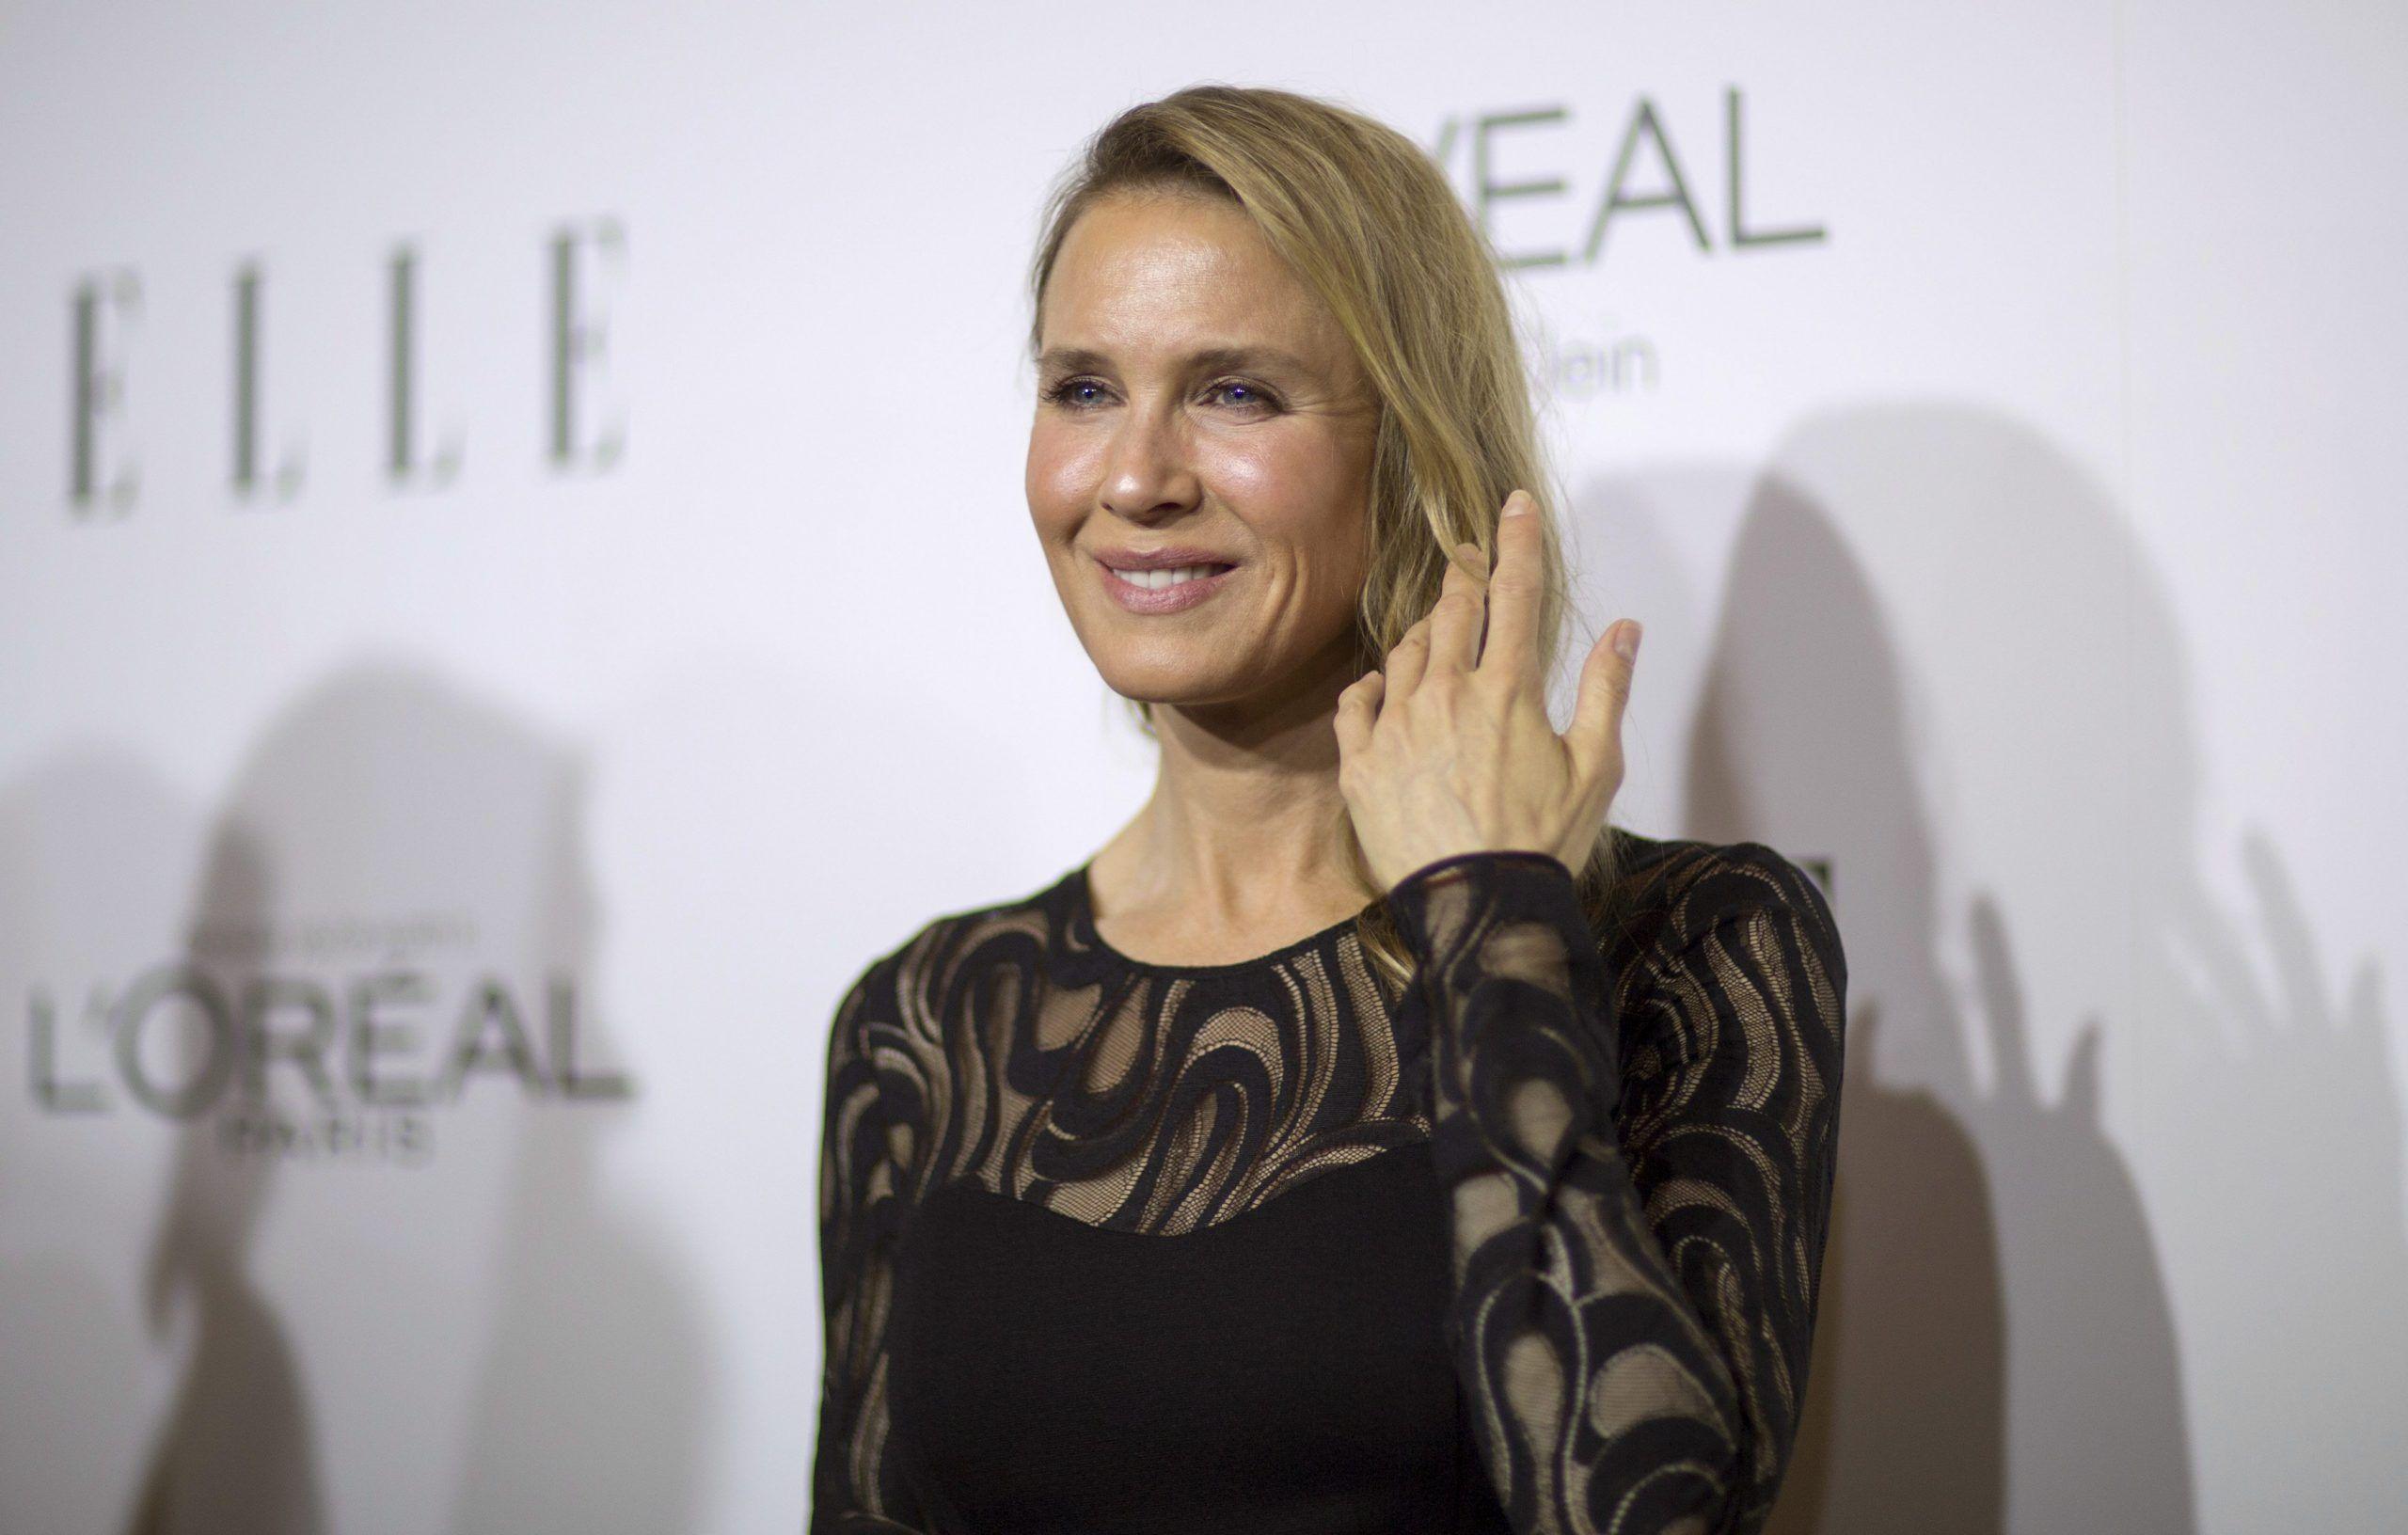 Renée Zellweger irriconoscibile: la nuova faccia dell'attrice sconvolge il mondo